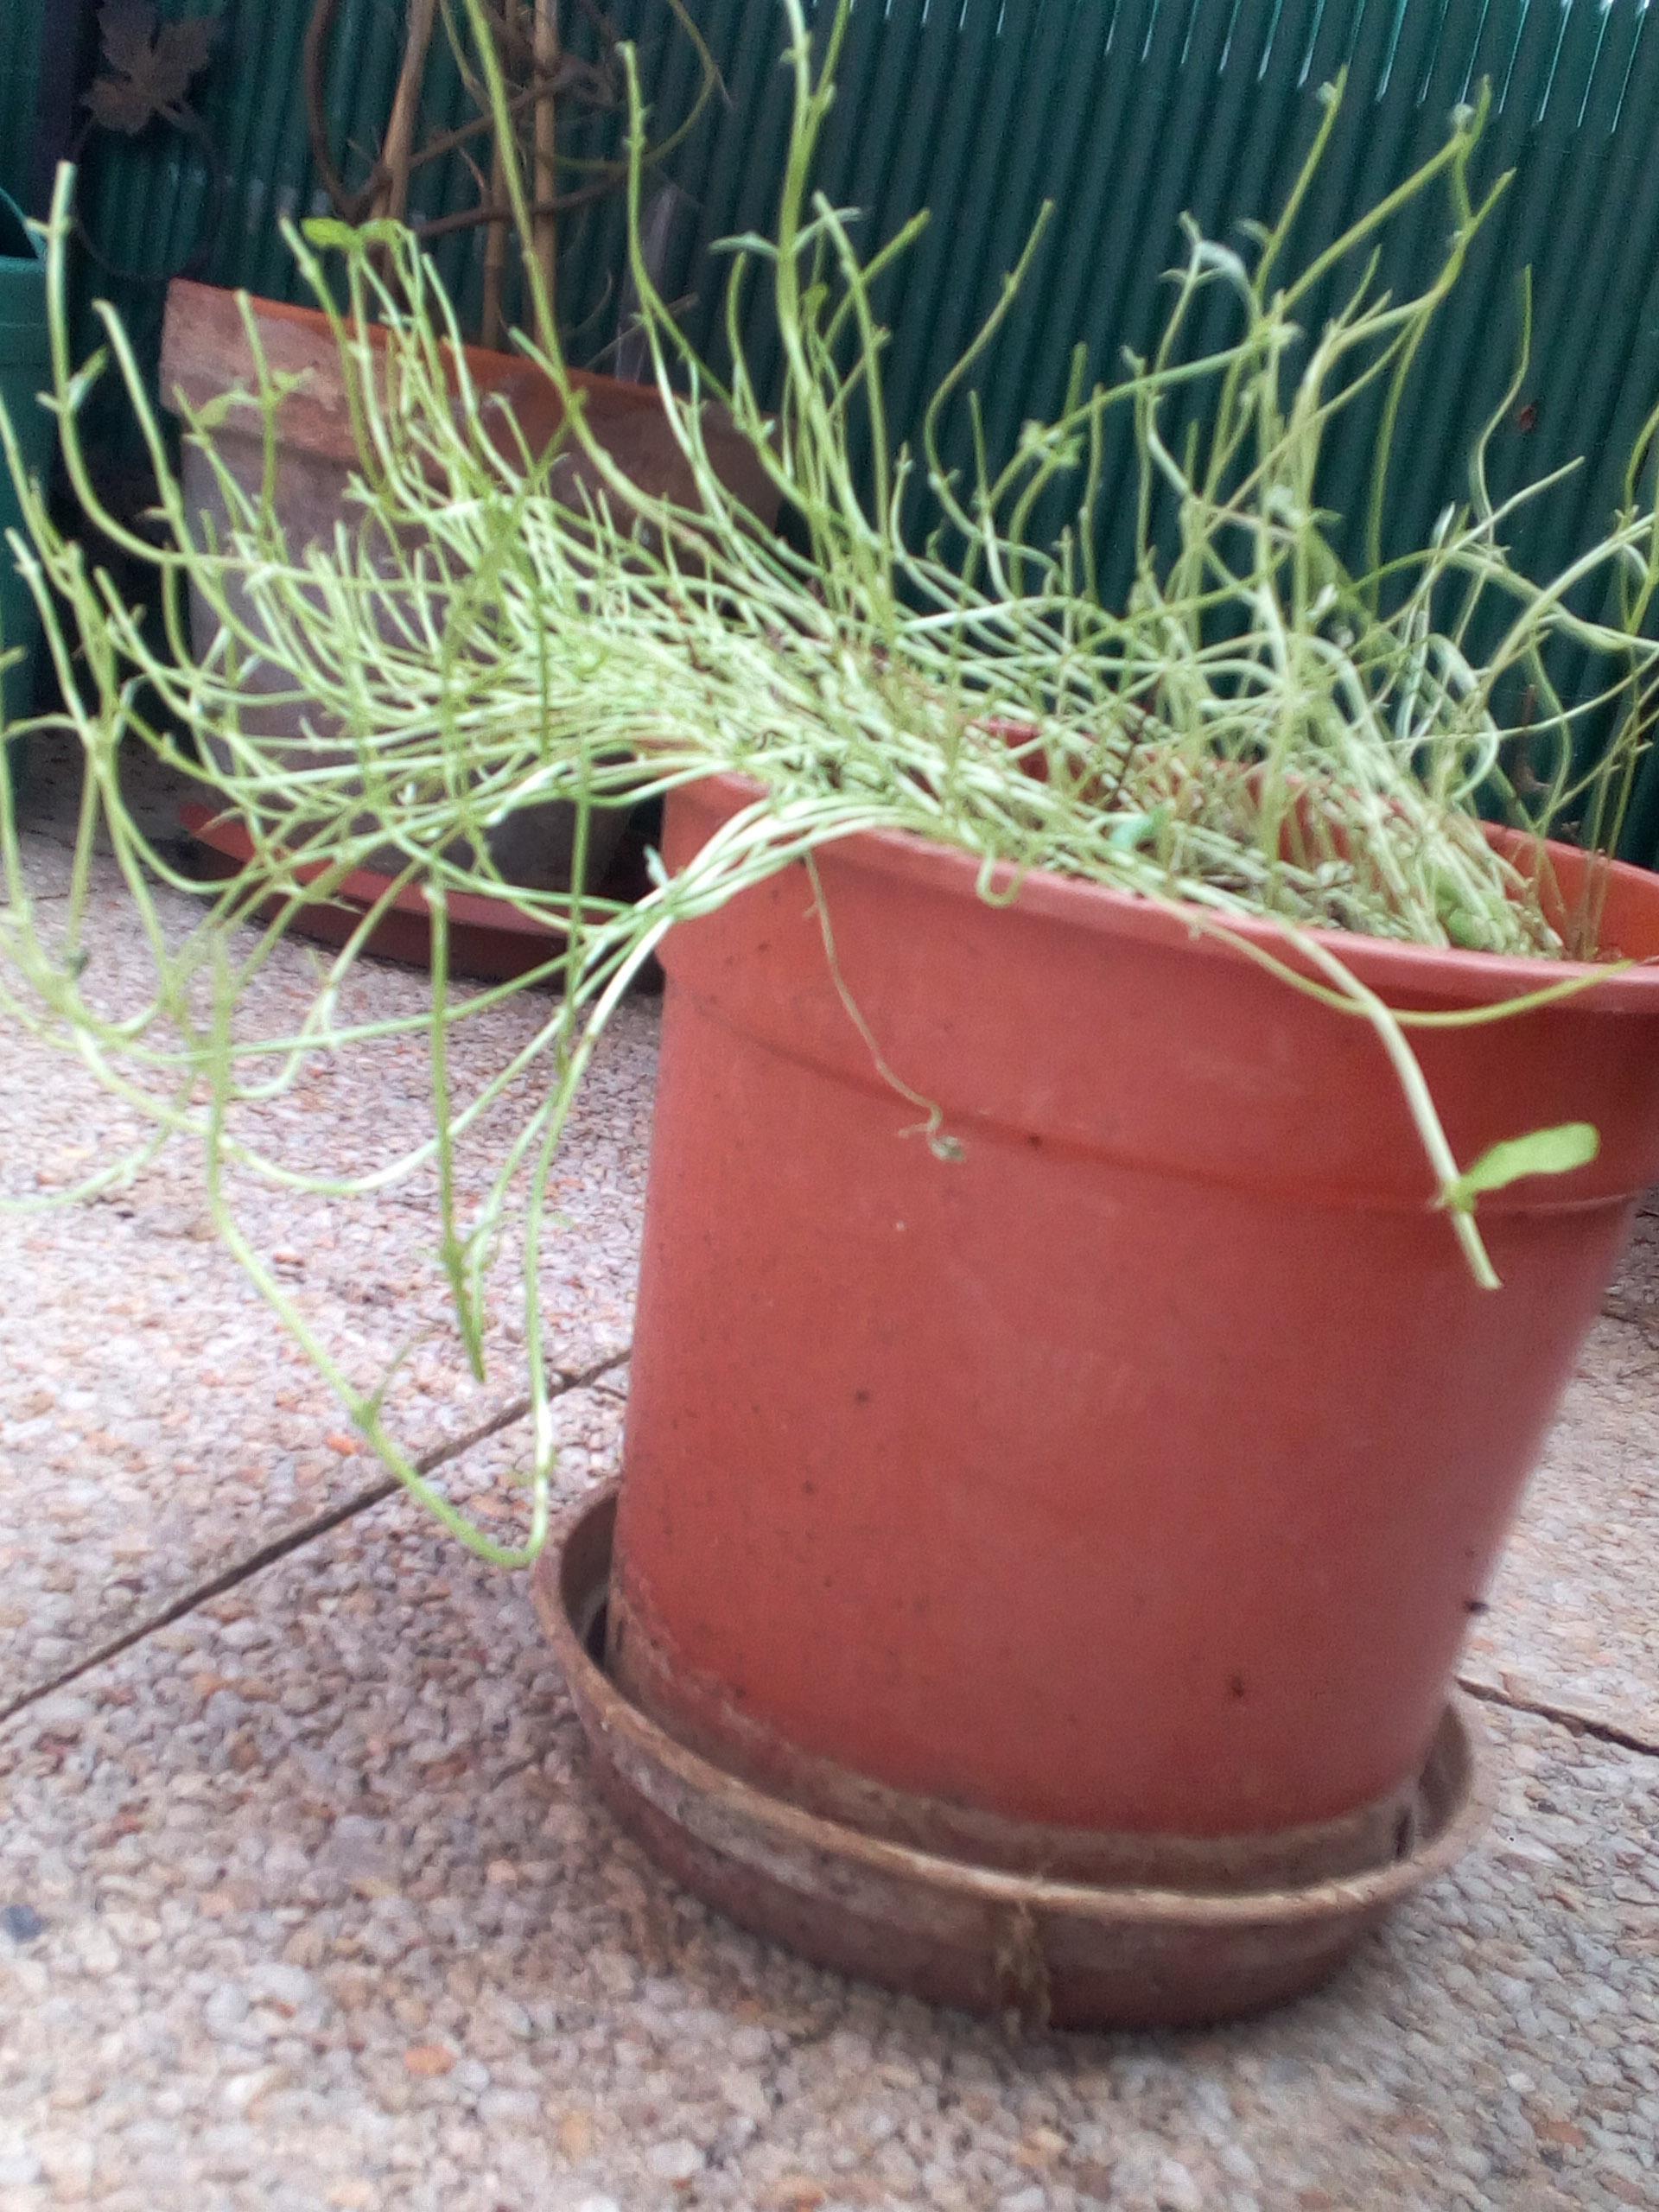 Plant De Menthe En Pot file:pot de menthe mangé par la plusie de la menthe